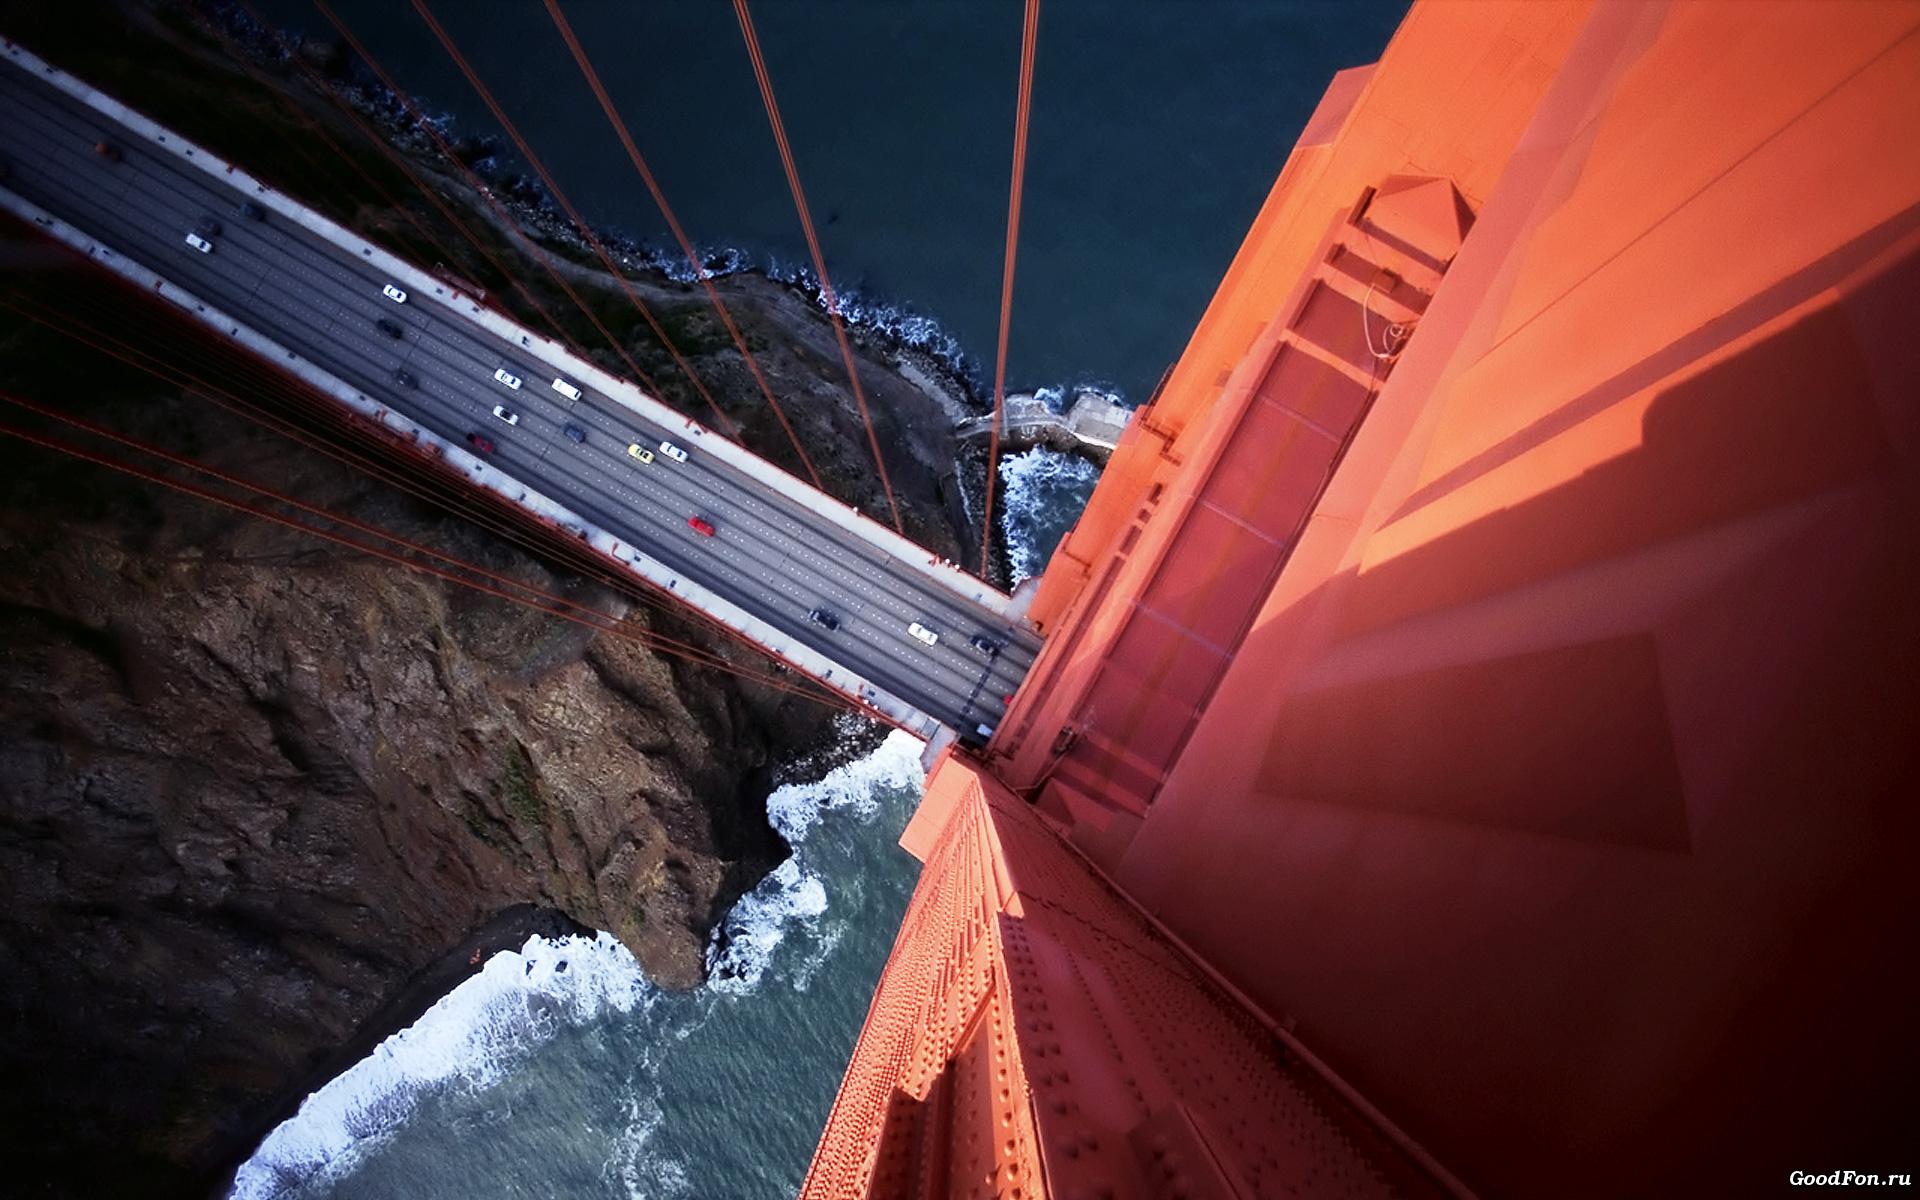 Мост над дорогой  № 2225387 без смс